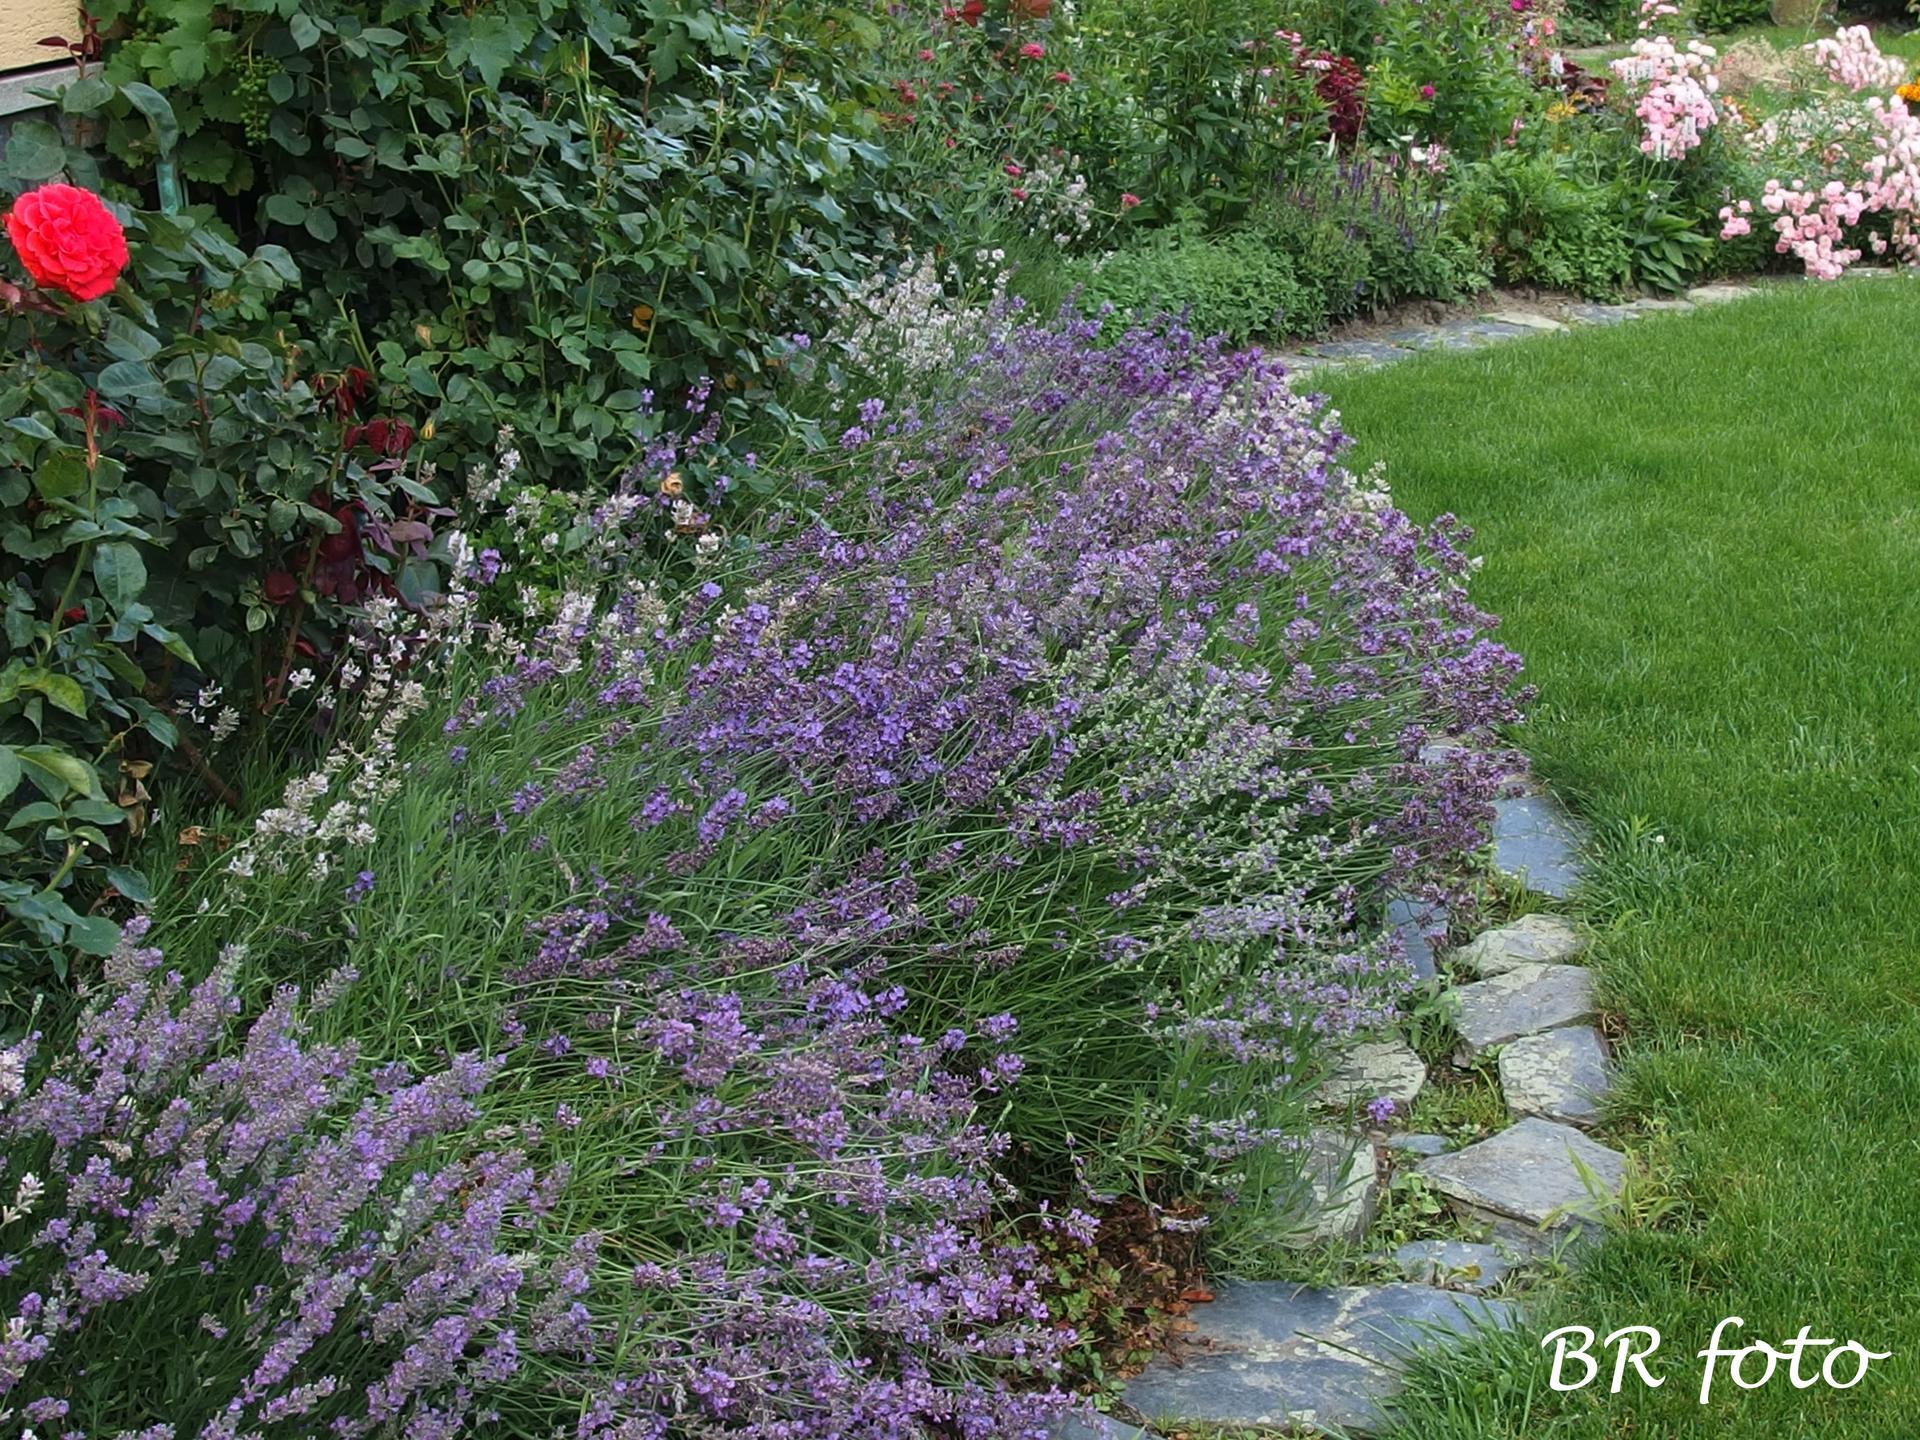 Zahrada v létě - levandule polehlá deštěm